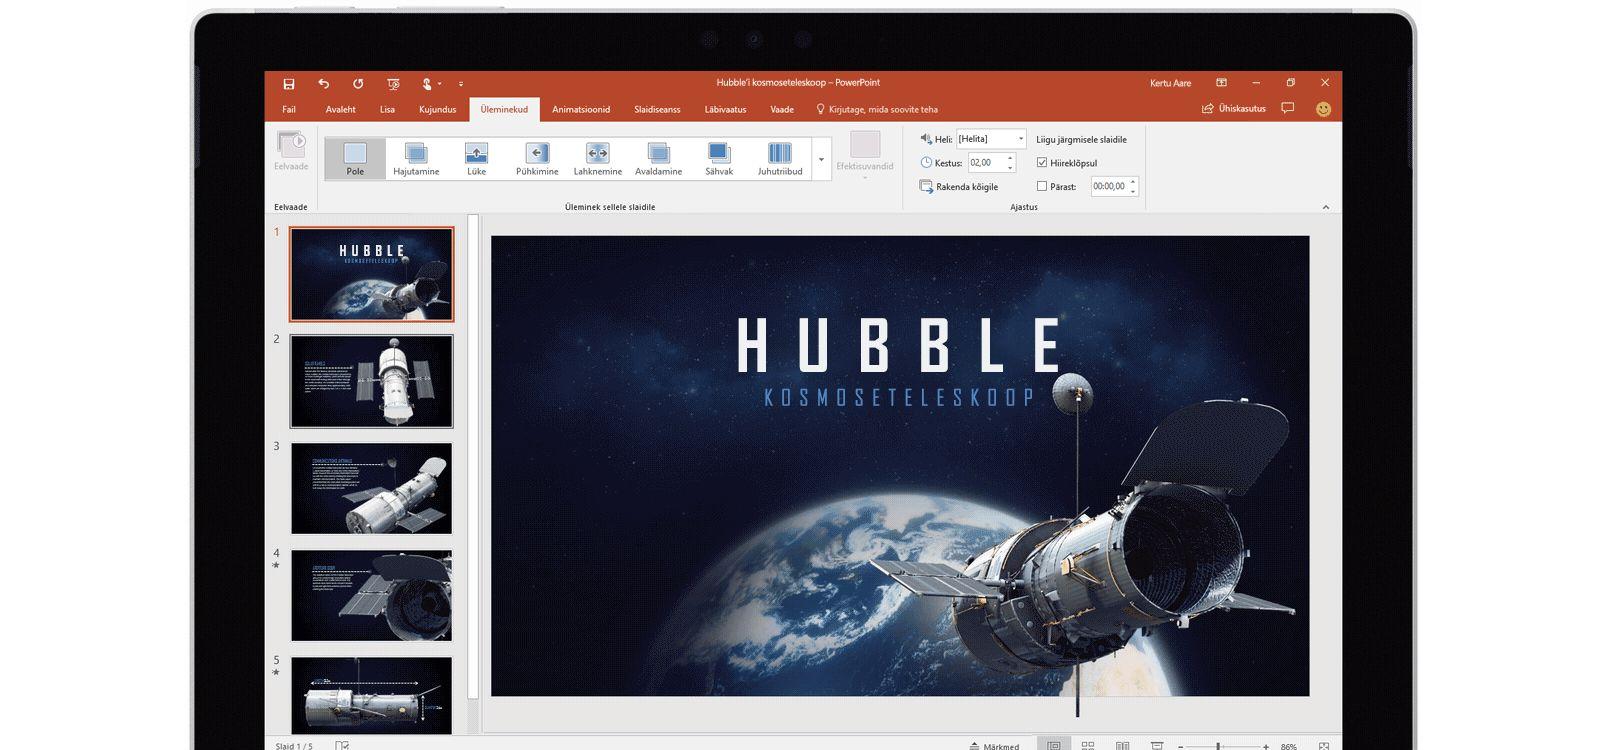 Tahvelarvuti ekraan, kus on kujutatud morfimisefekti kasutamist kosmoseteleskoope käsitlevas PowerPointi esitluses